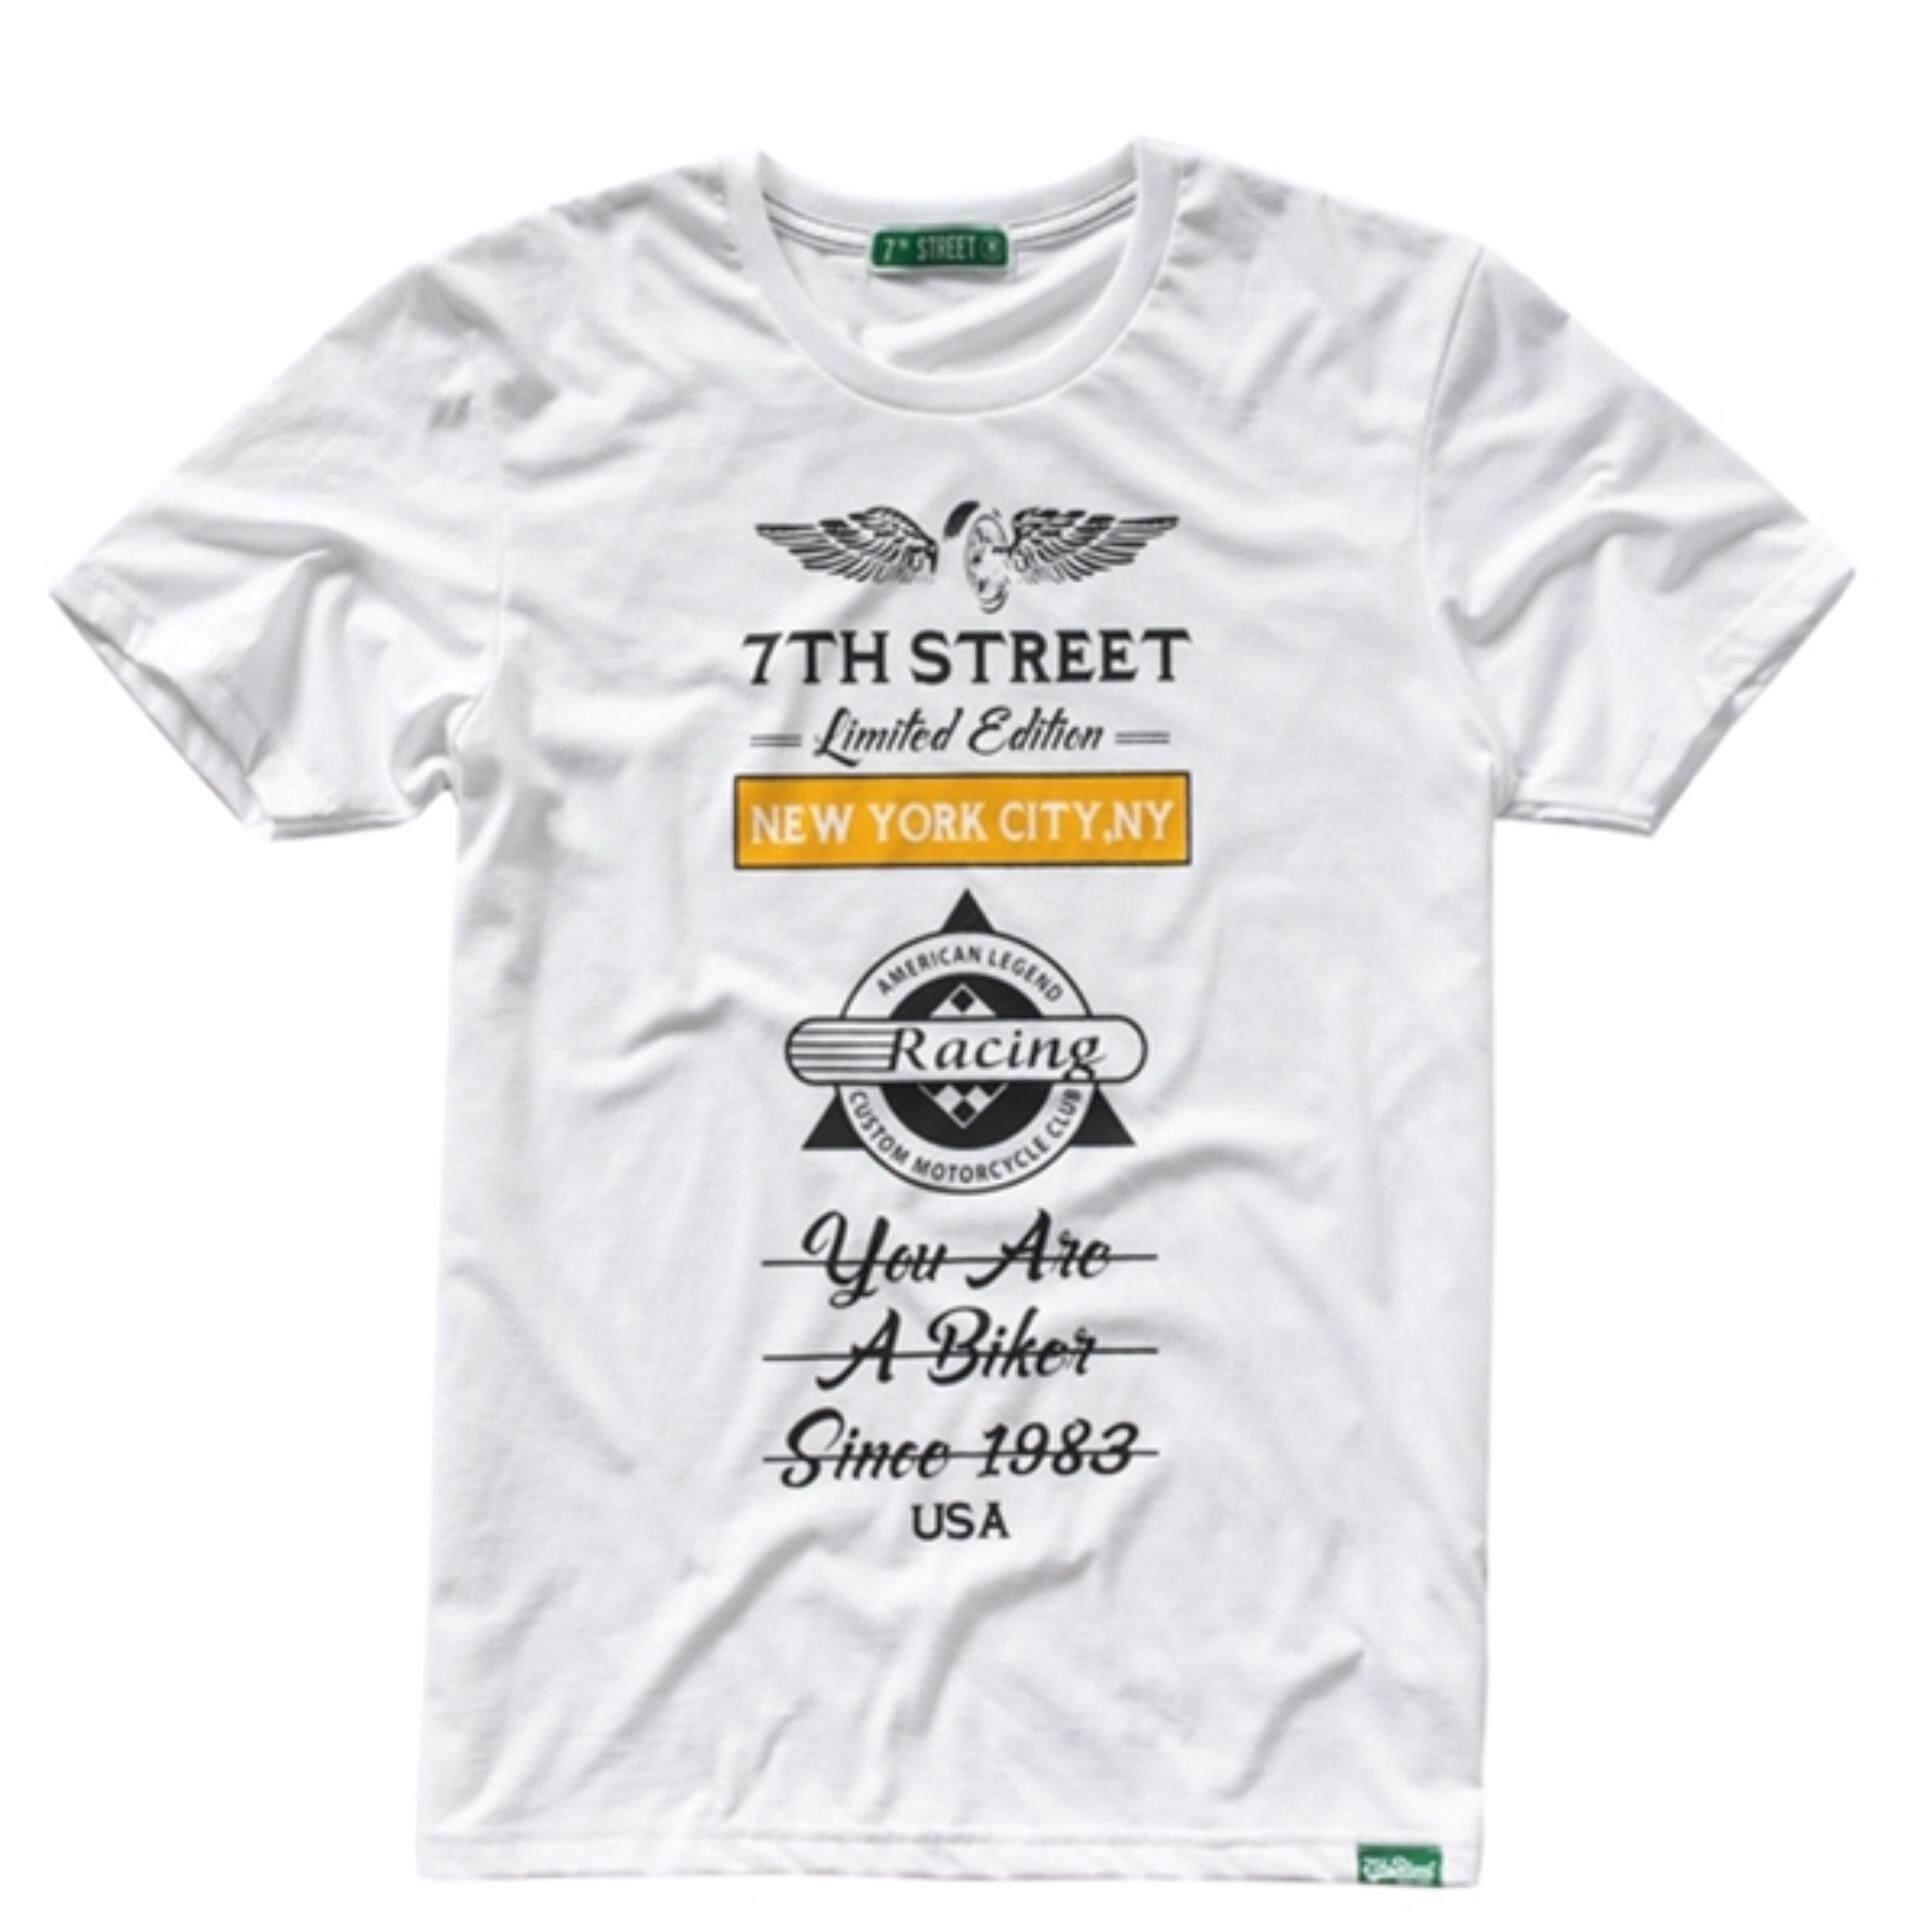 ขาย 7Th Street เสื้อยืดแนวสตรีท รุ่น Racing สีขาว Thailand